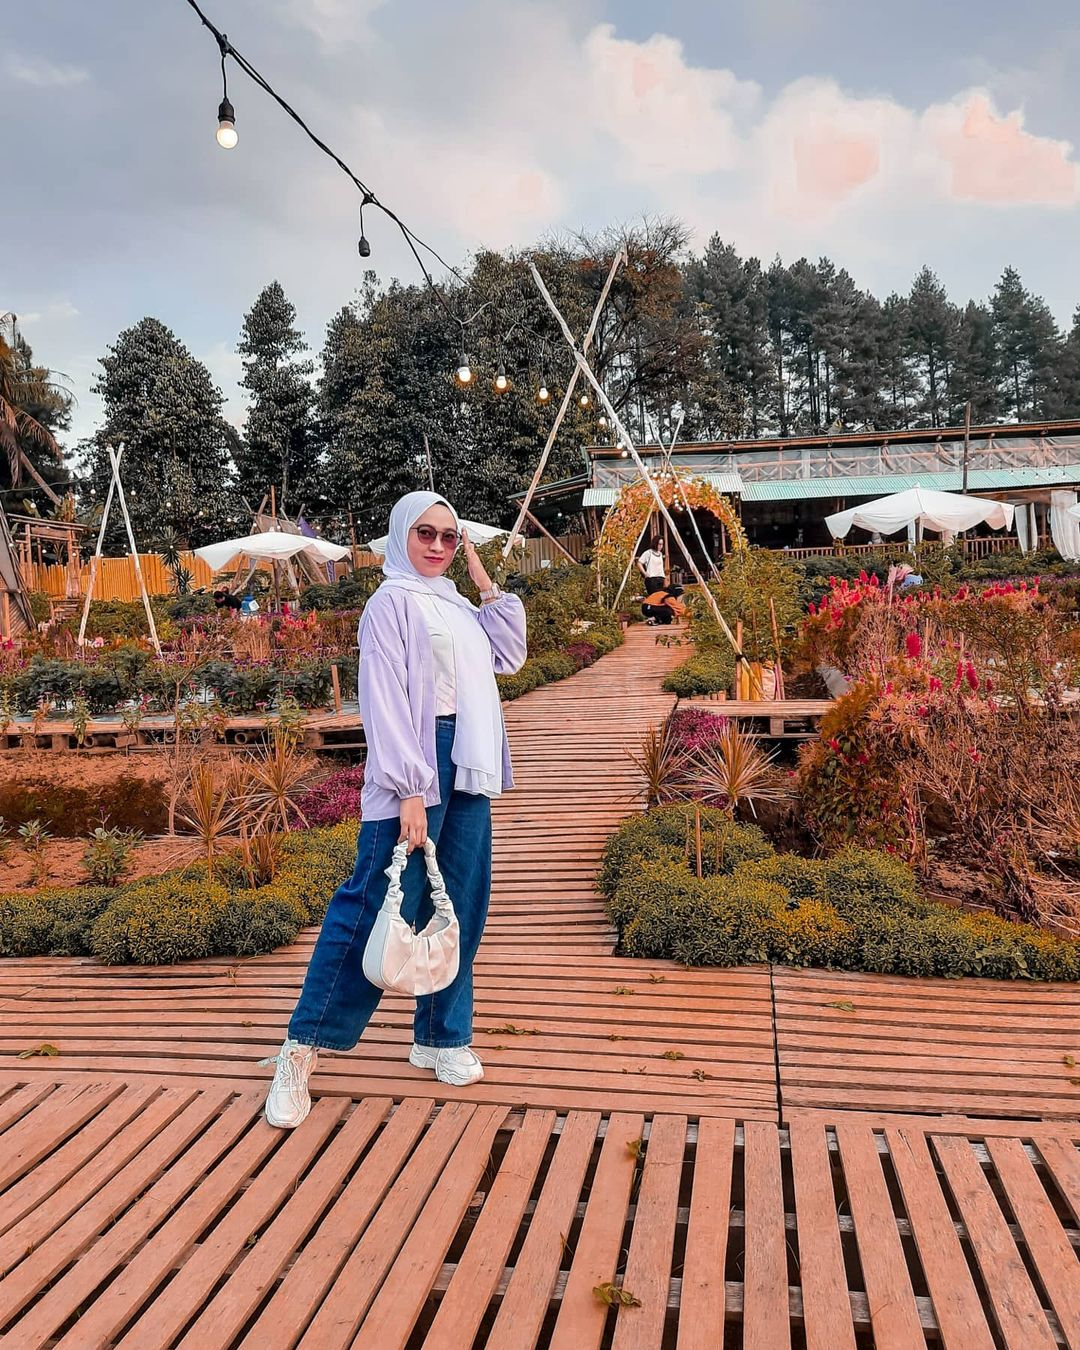 Jalanan Kayu Di Tapos Garden Image From @desirs10